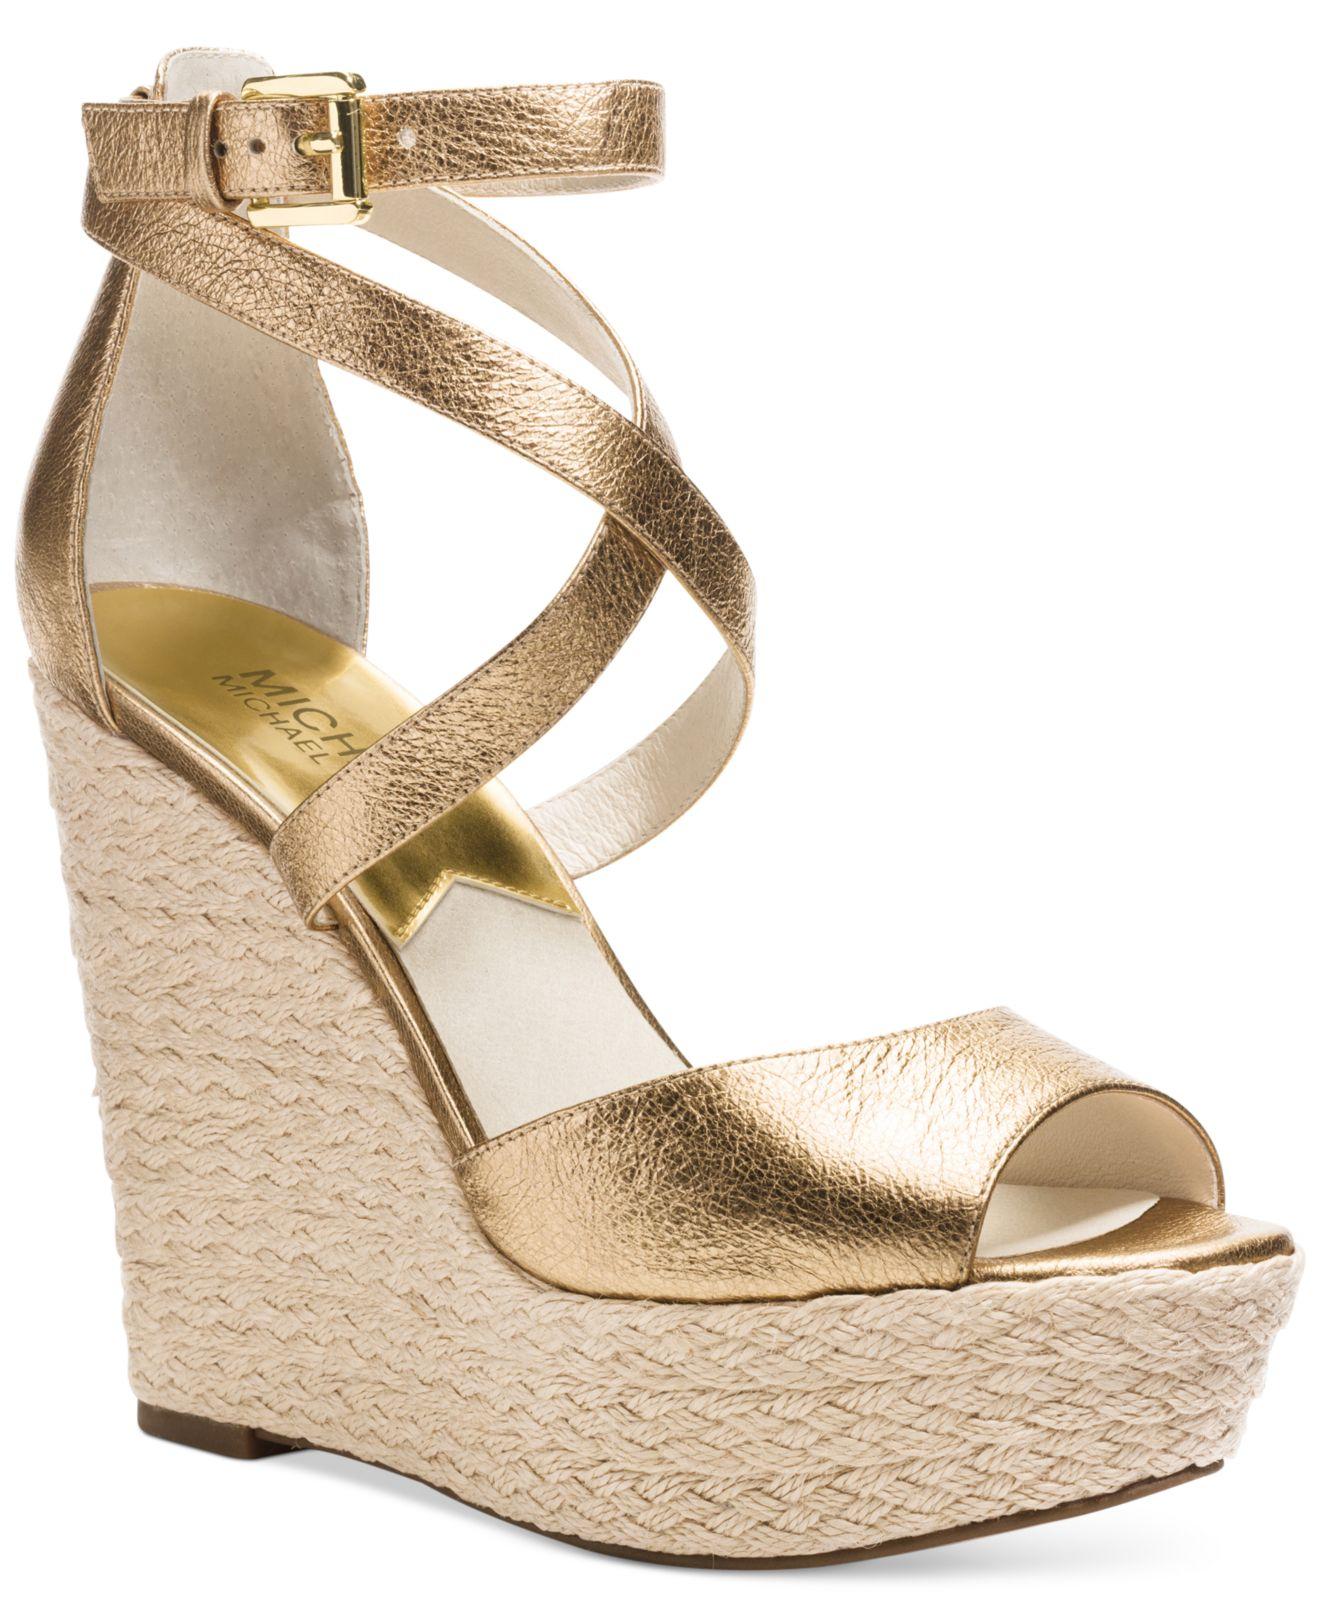 Michael Platform Kors Metallic Wedge Lyst Gabriella Sandals In 2IeEYWD9bH